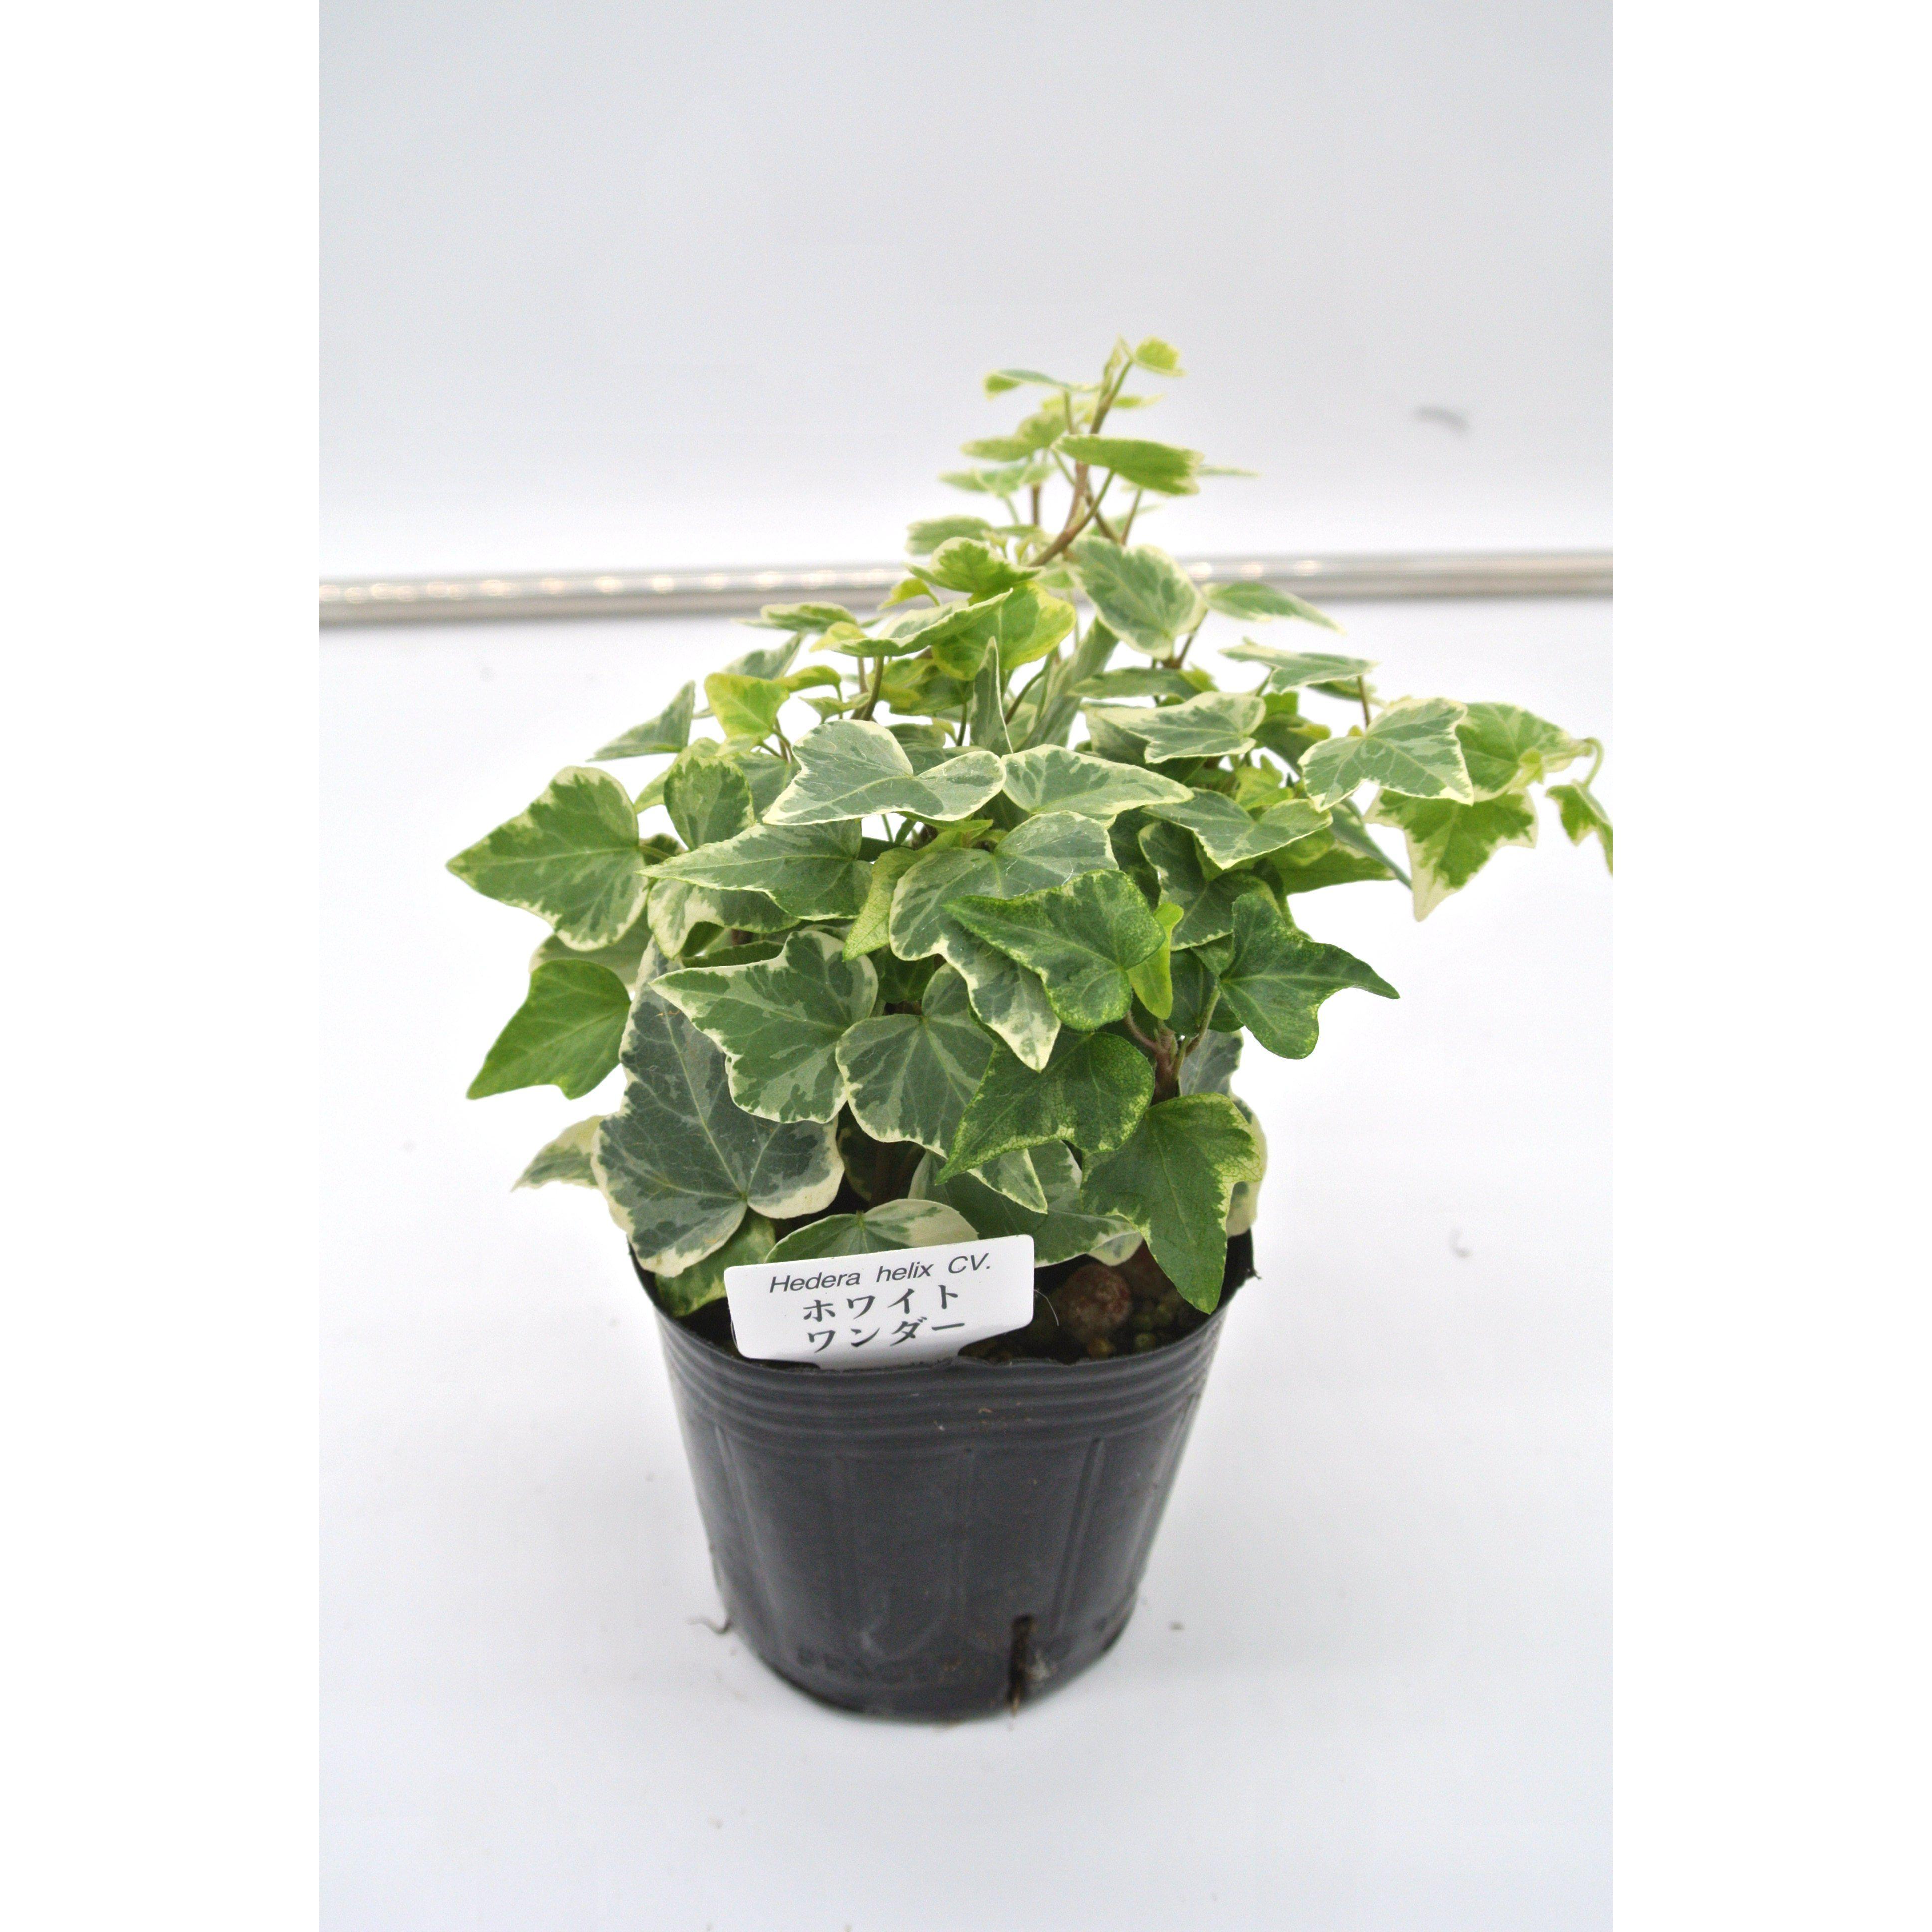 観葉植物 ヘデラ へリックス ホワイトワンダー 3号育成ポット 4ポット - 2